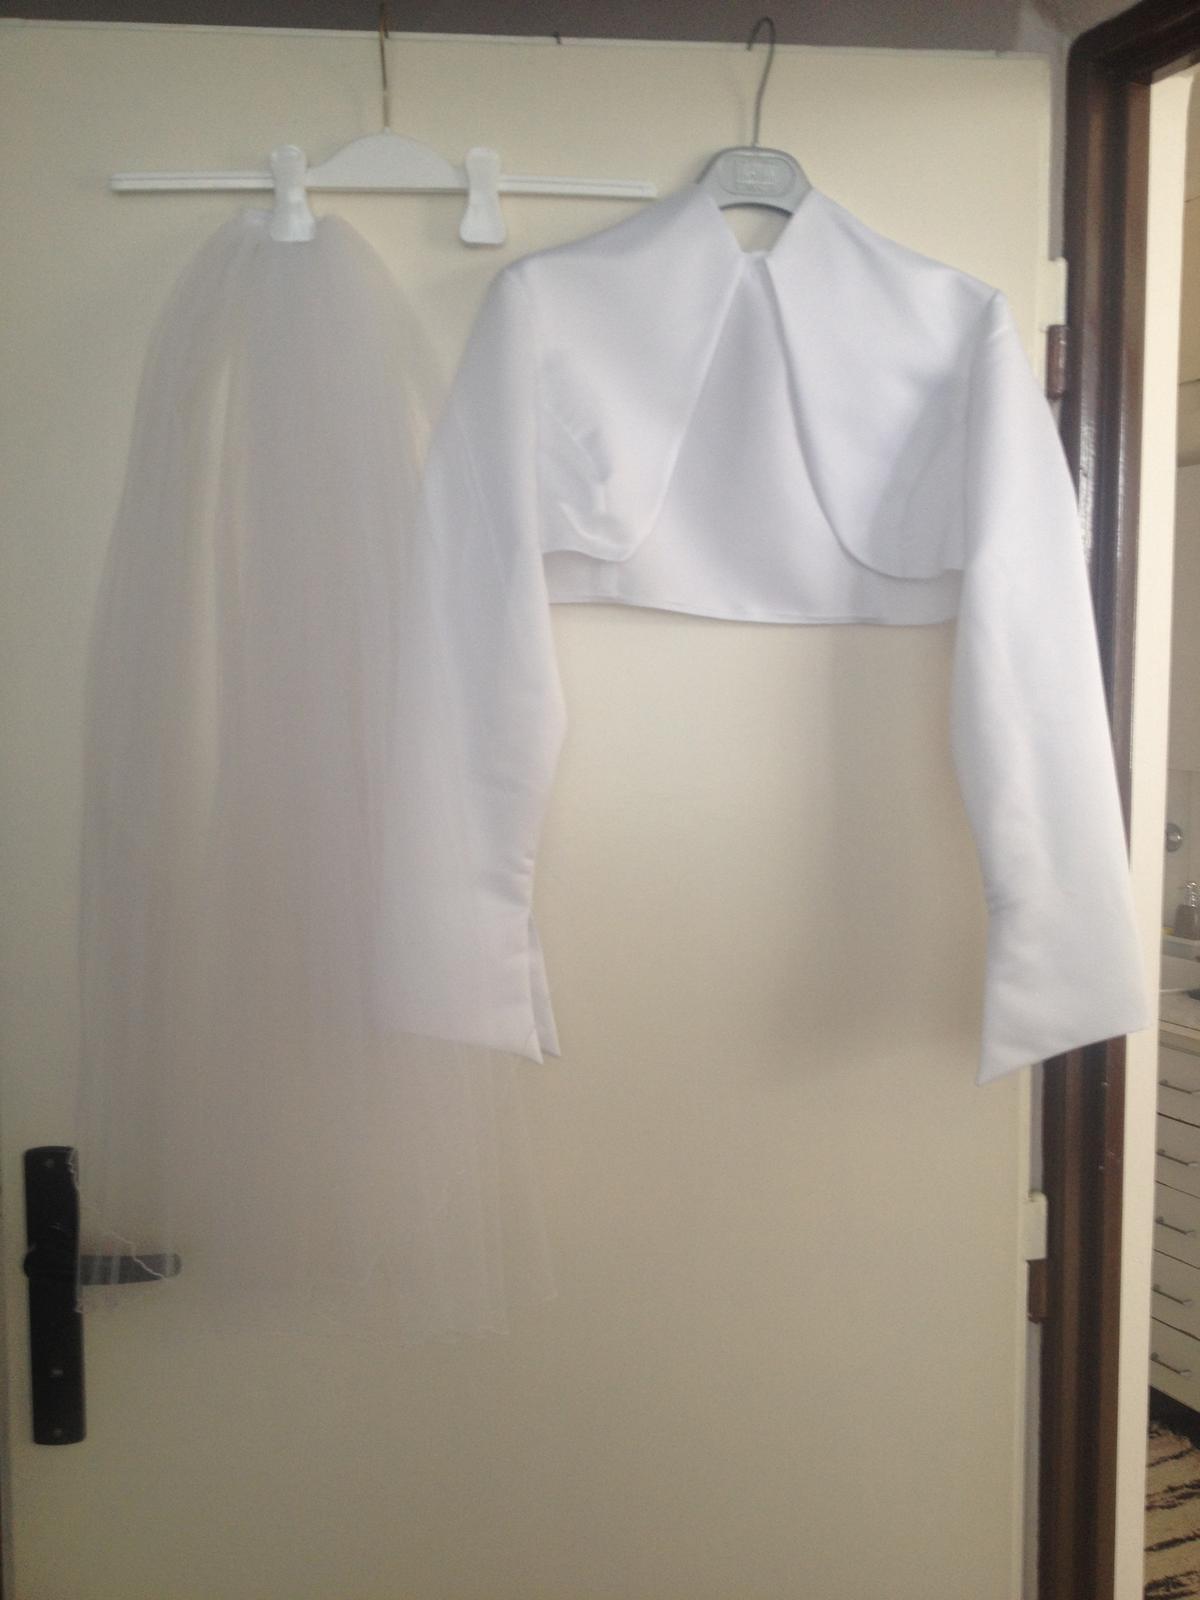 Biele svadobné šaty + bolerko a závoj - Obrázok č. 3